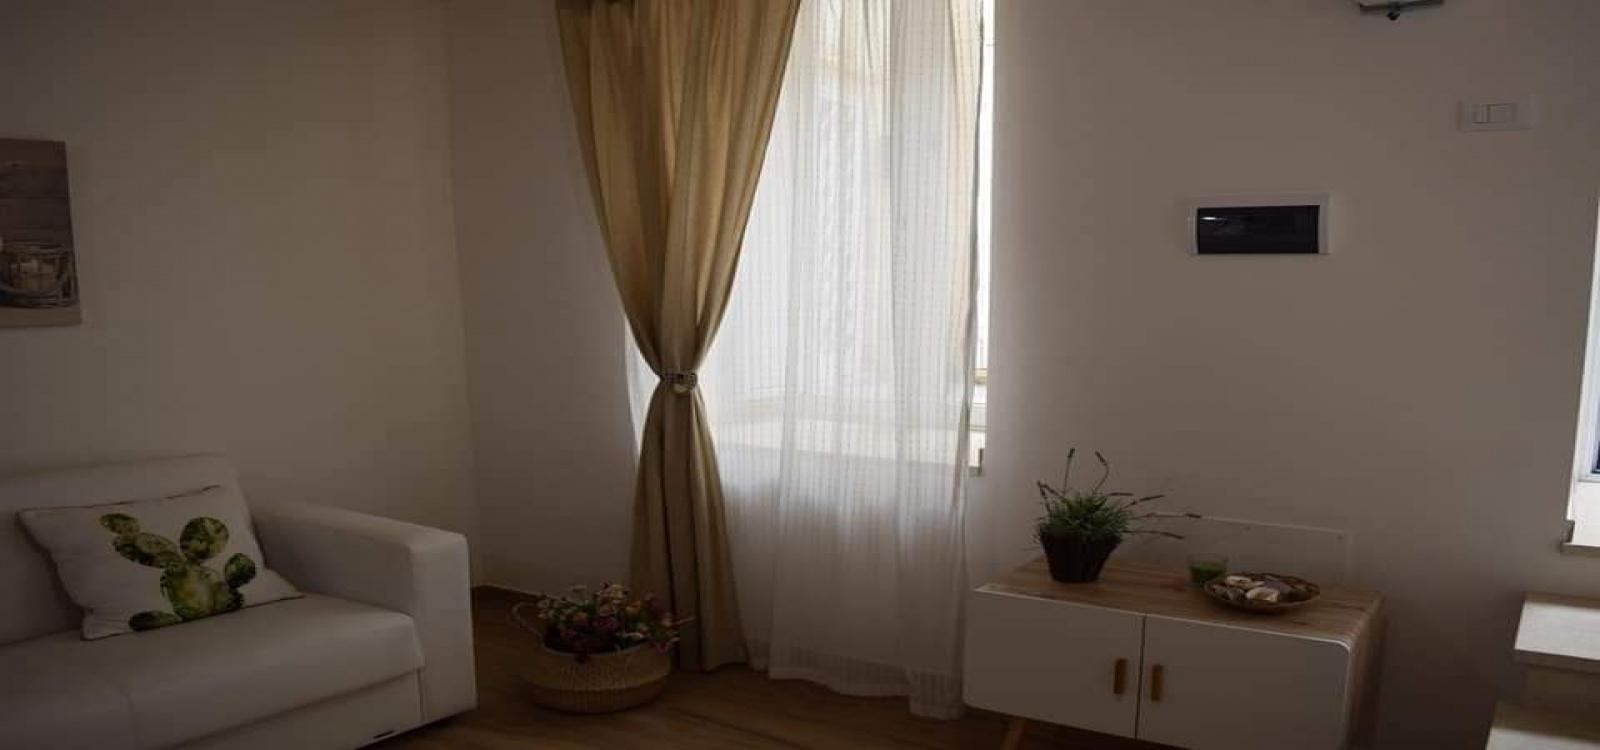 ORTIGIA,SIRACUSA,Appartamento,ORTIGIA,2446